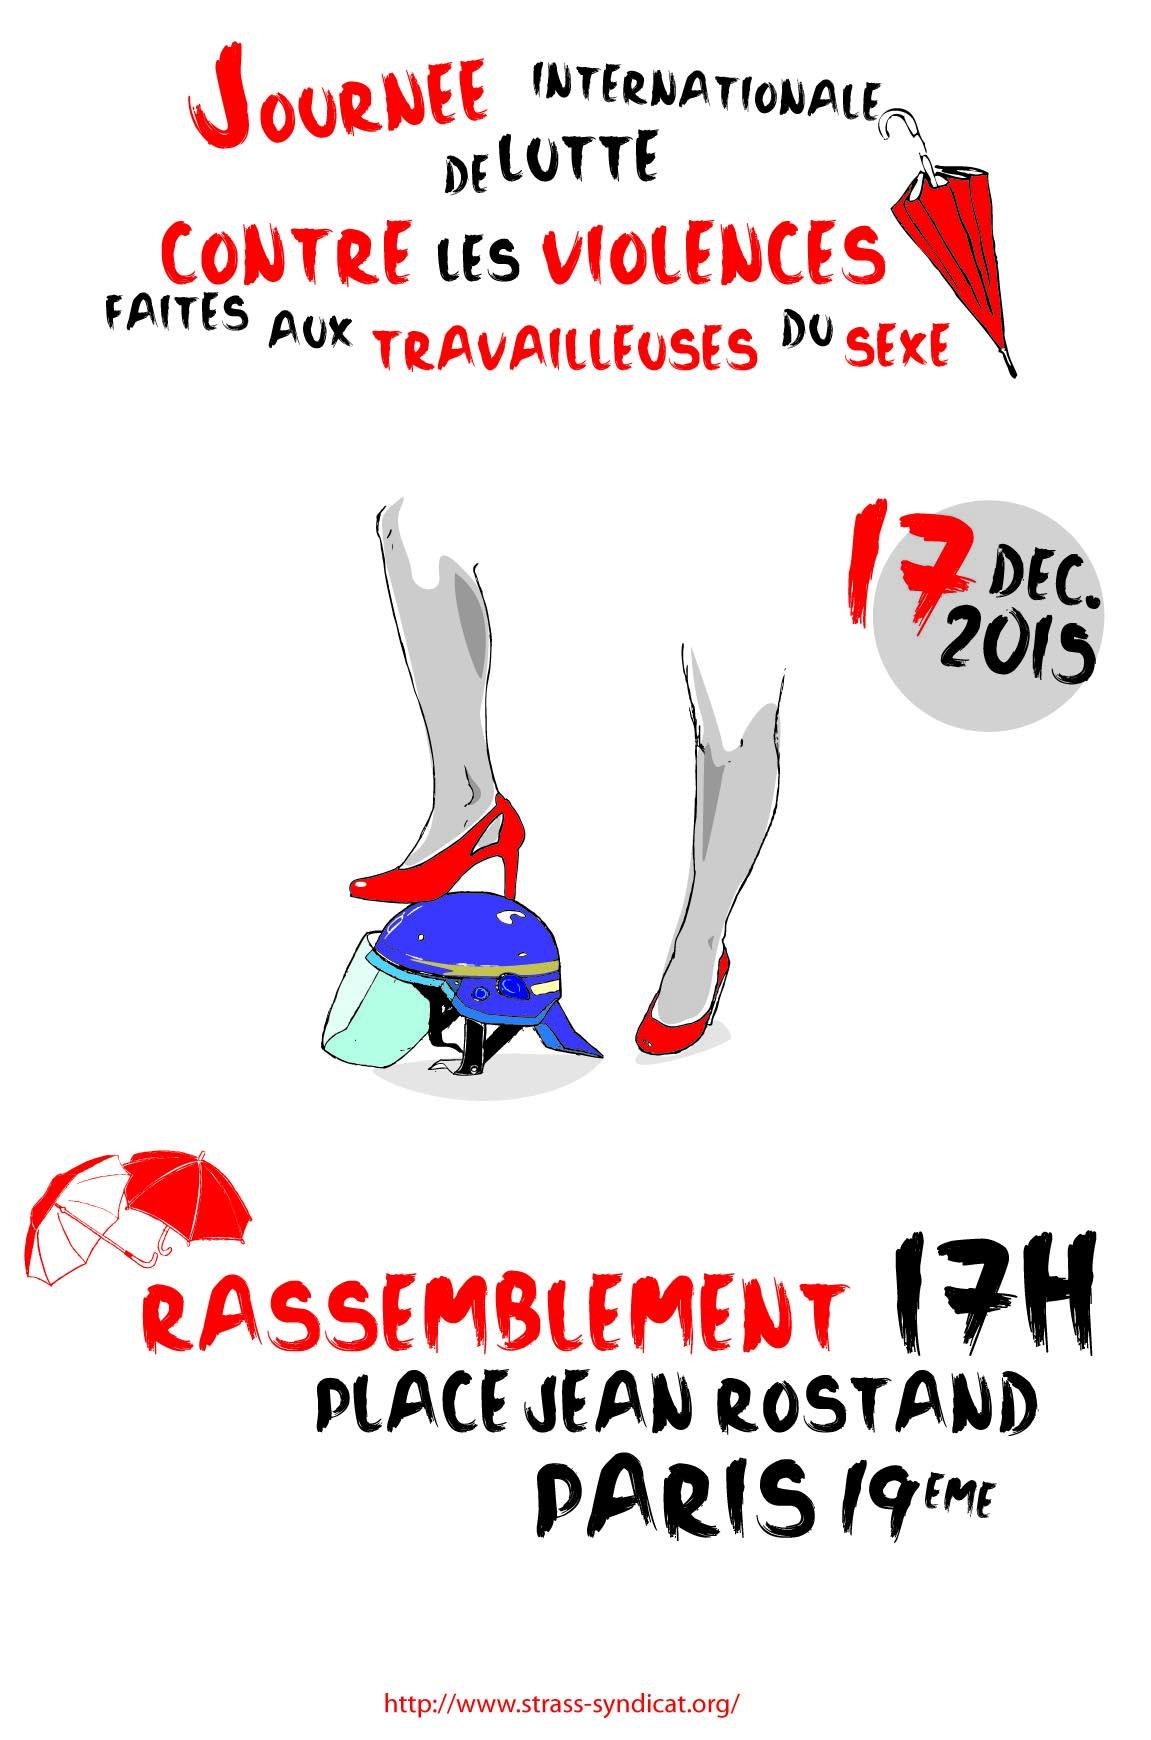 Affiche 17 Décembre 2015 Paris Final